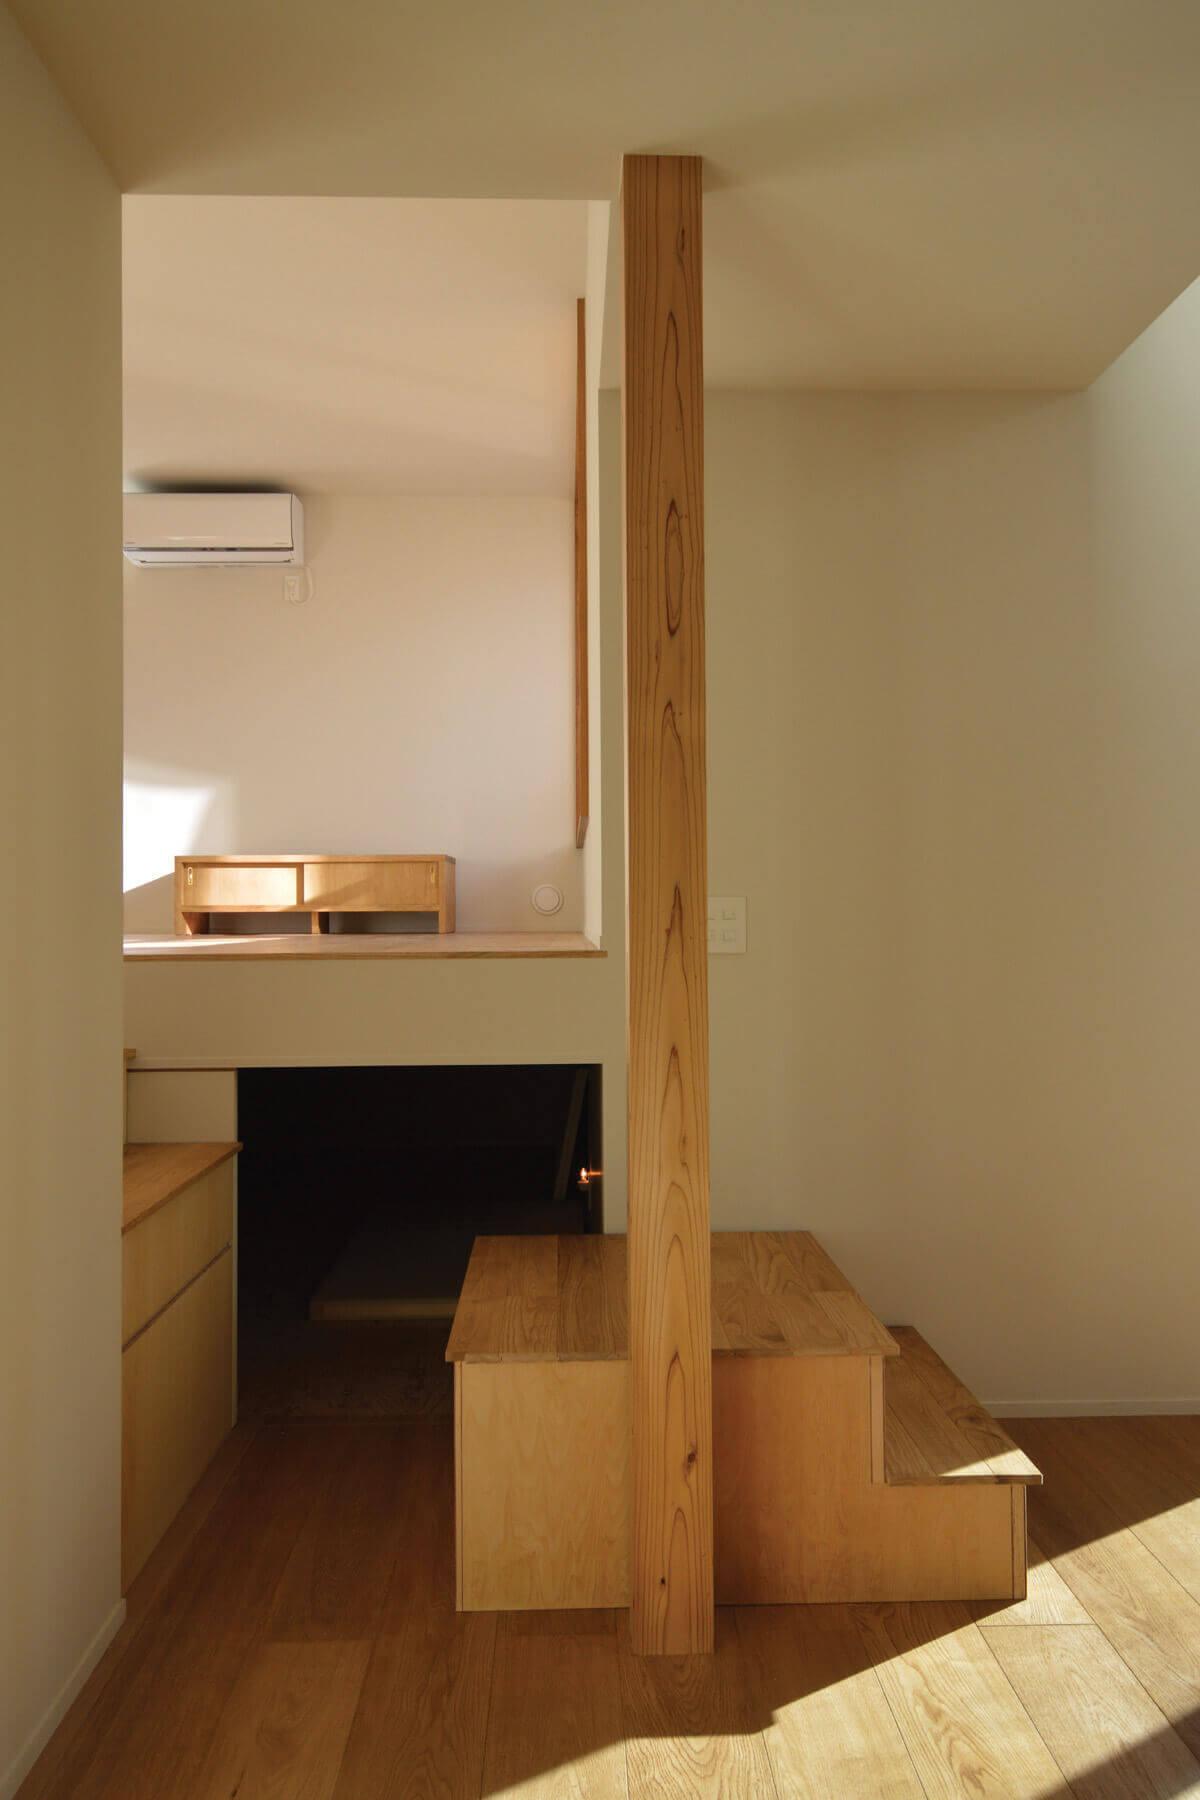 登戸Y邸の内装、居間下部の大容量の収納